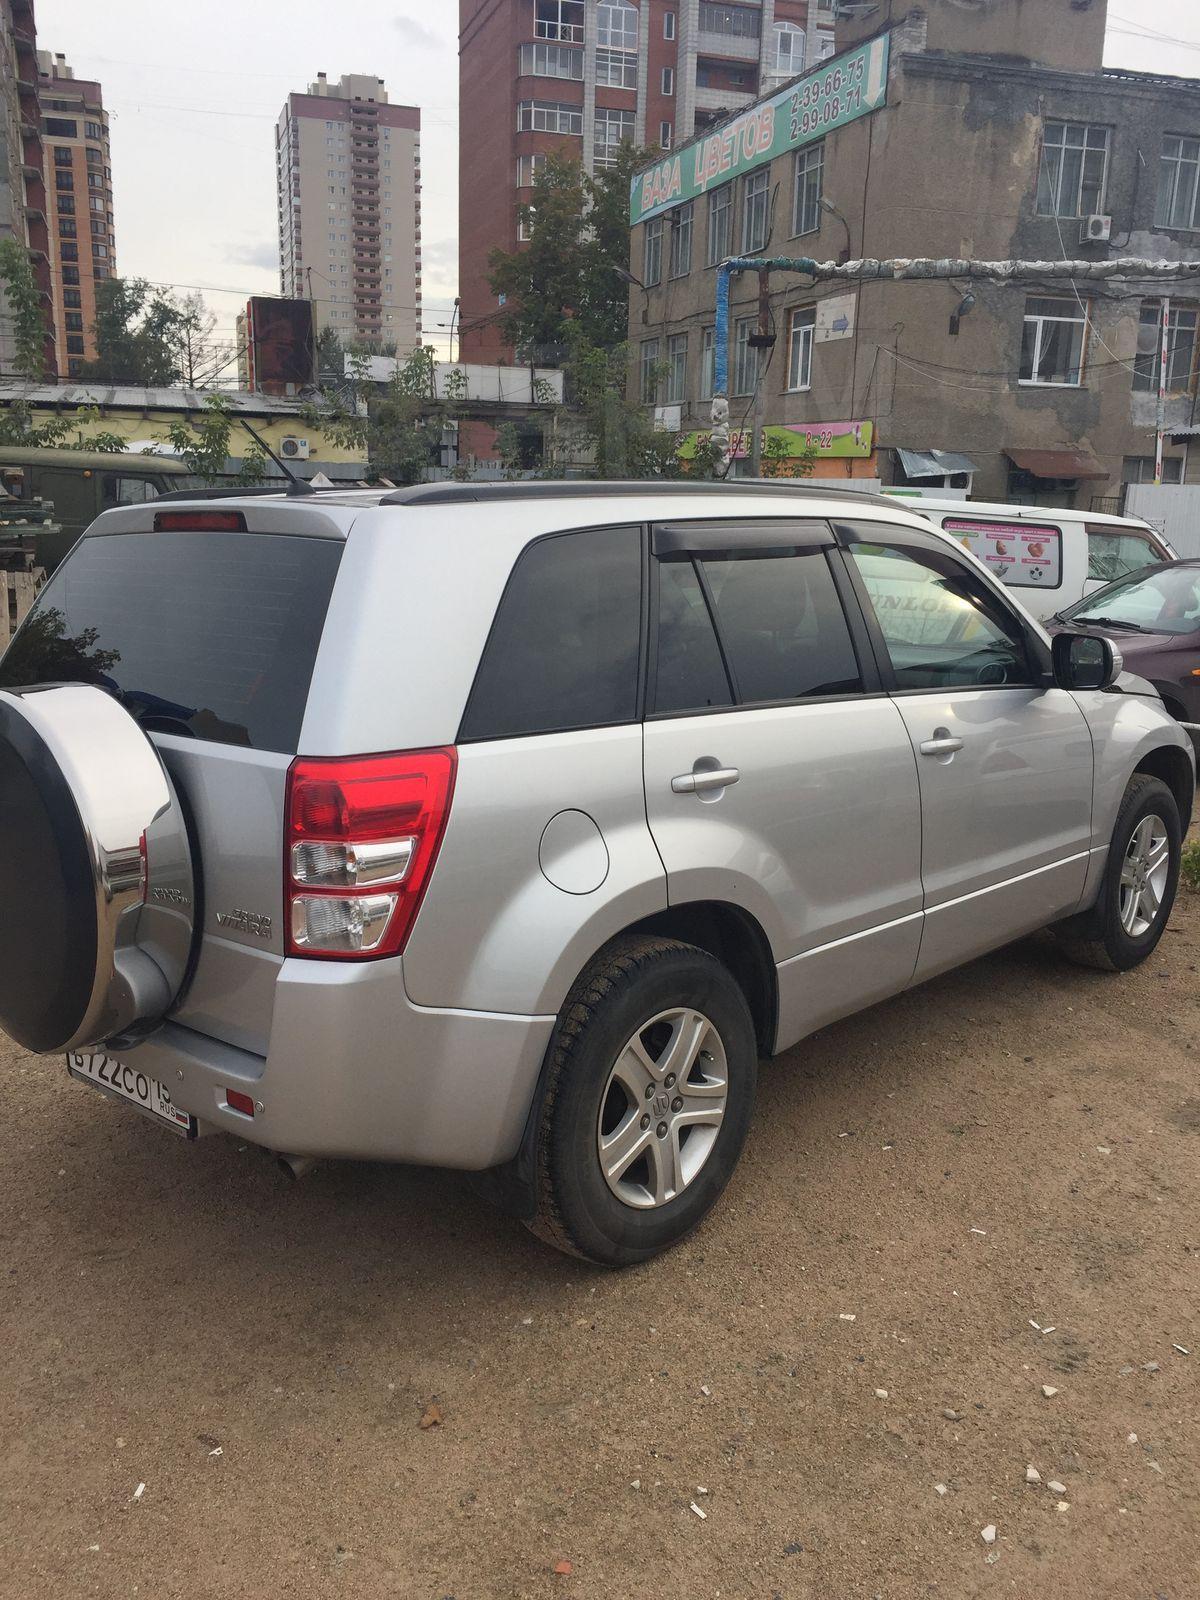 Купить Сузуки Гранд Витара в Новосибирске, обмен на легковое авто не ... cc04d1ca3ae